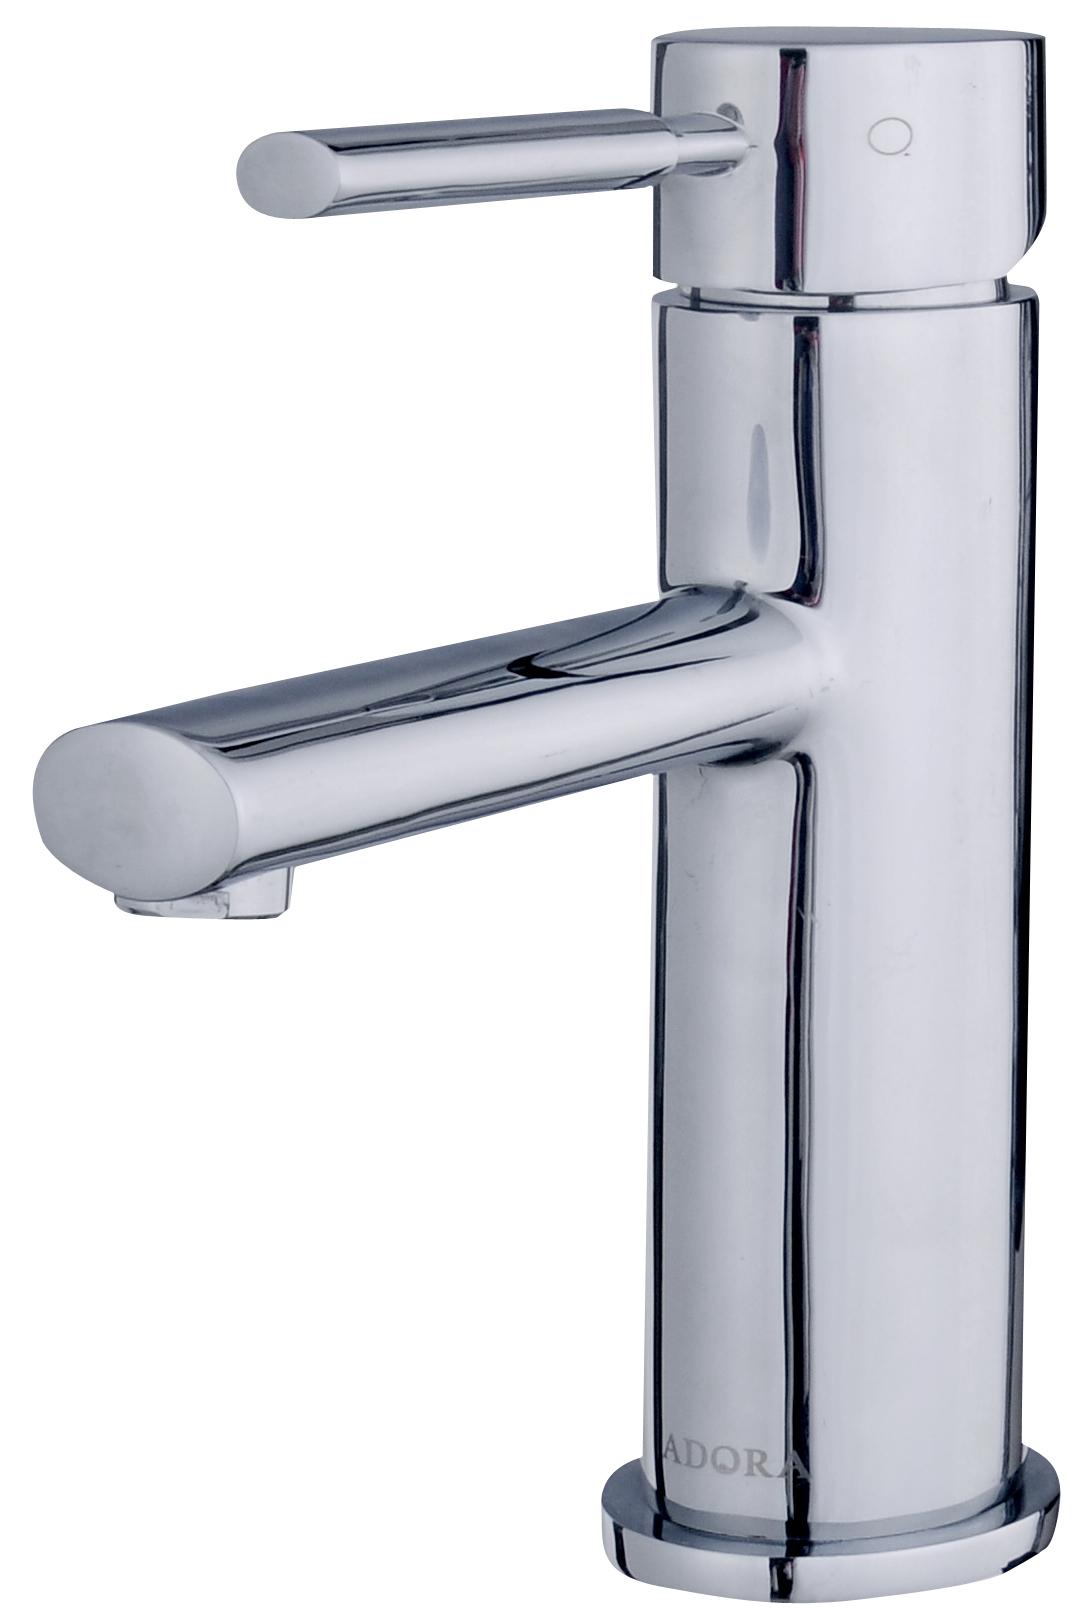 håndvaskarmatur med omskifter